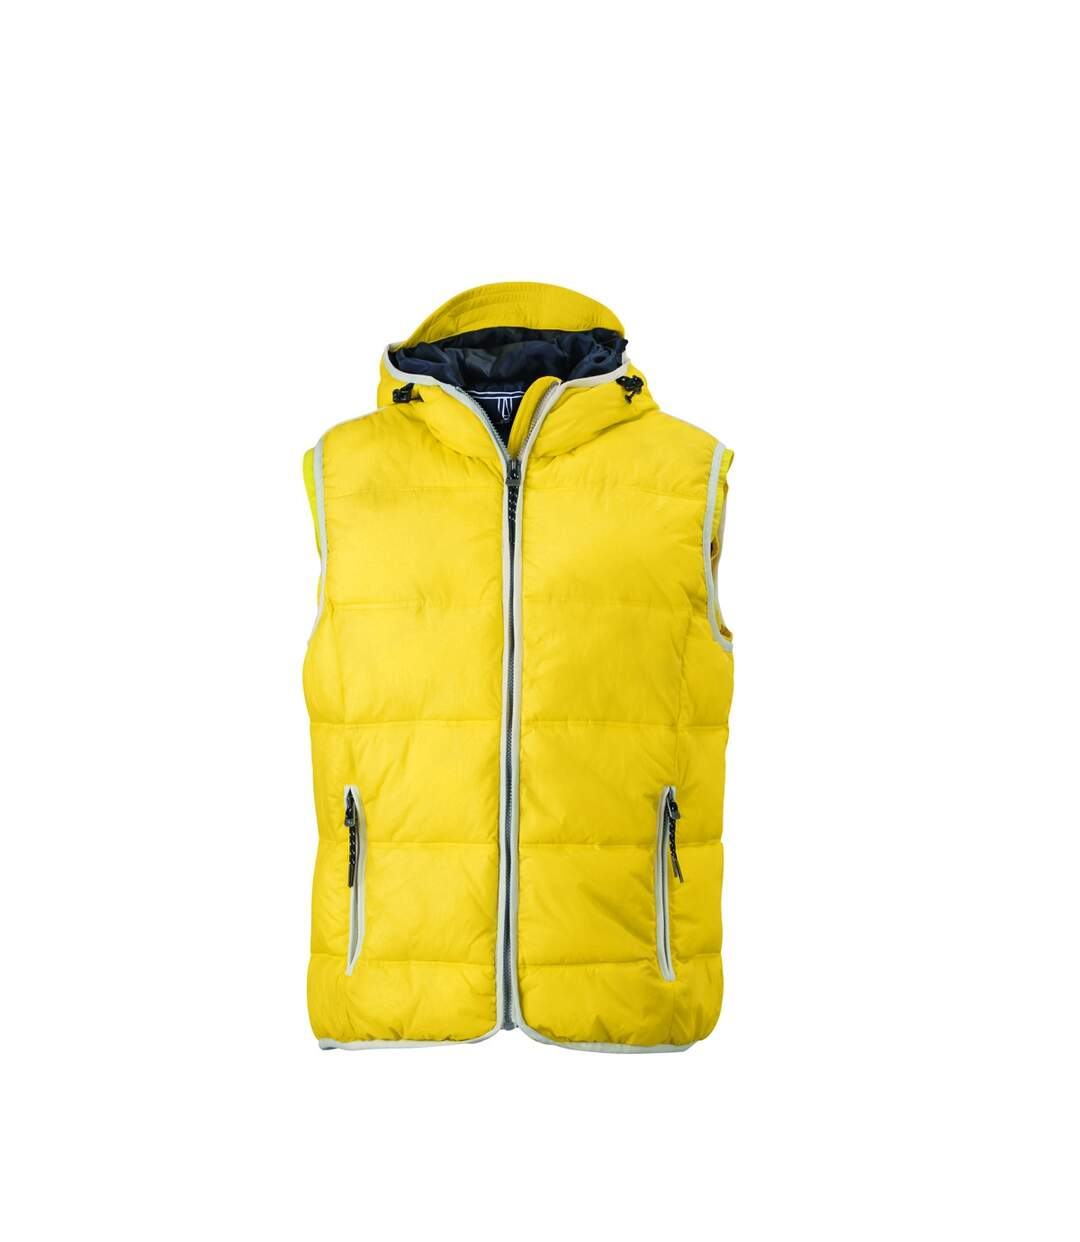 Doudoune sans manches pour homme - JN1076 - jaune soleil